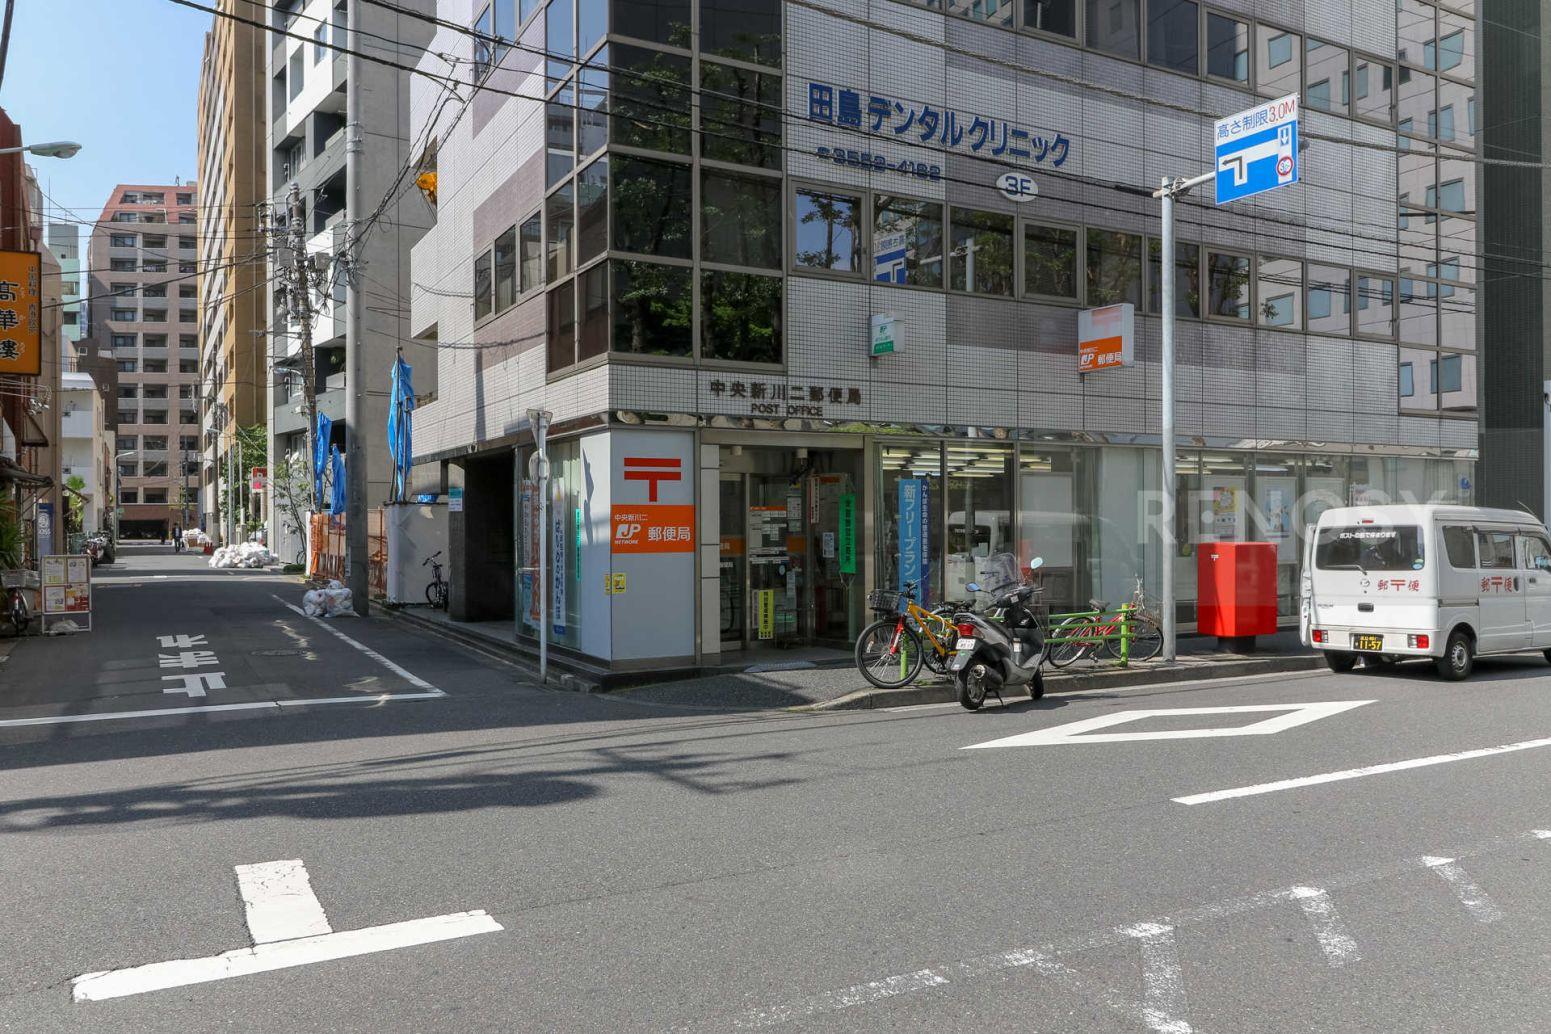 インプレスト東京八丁堀